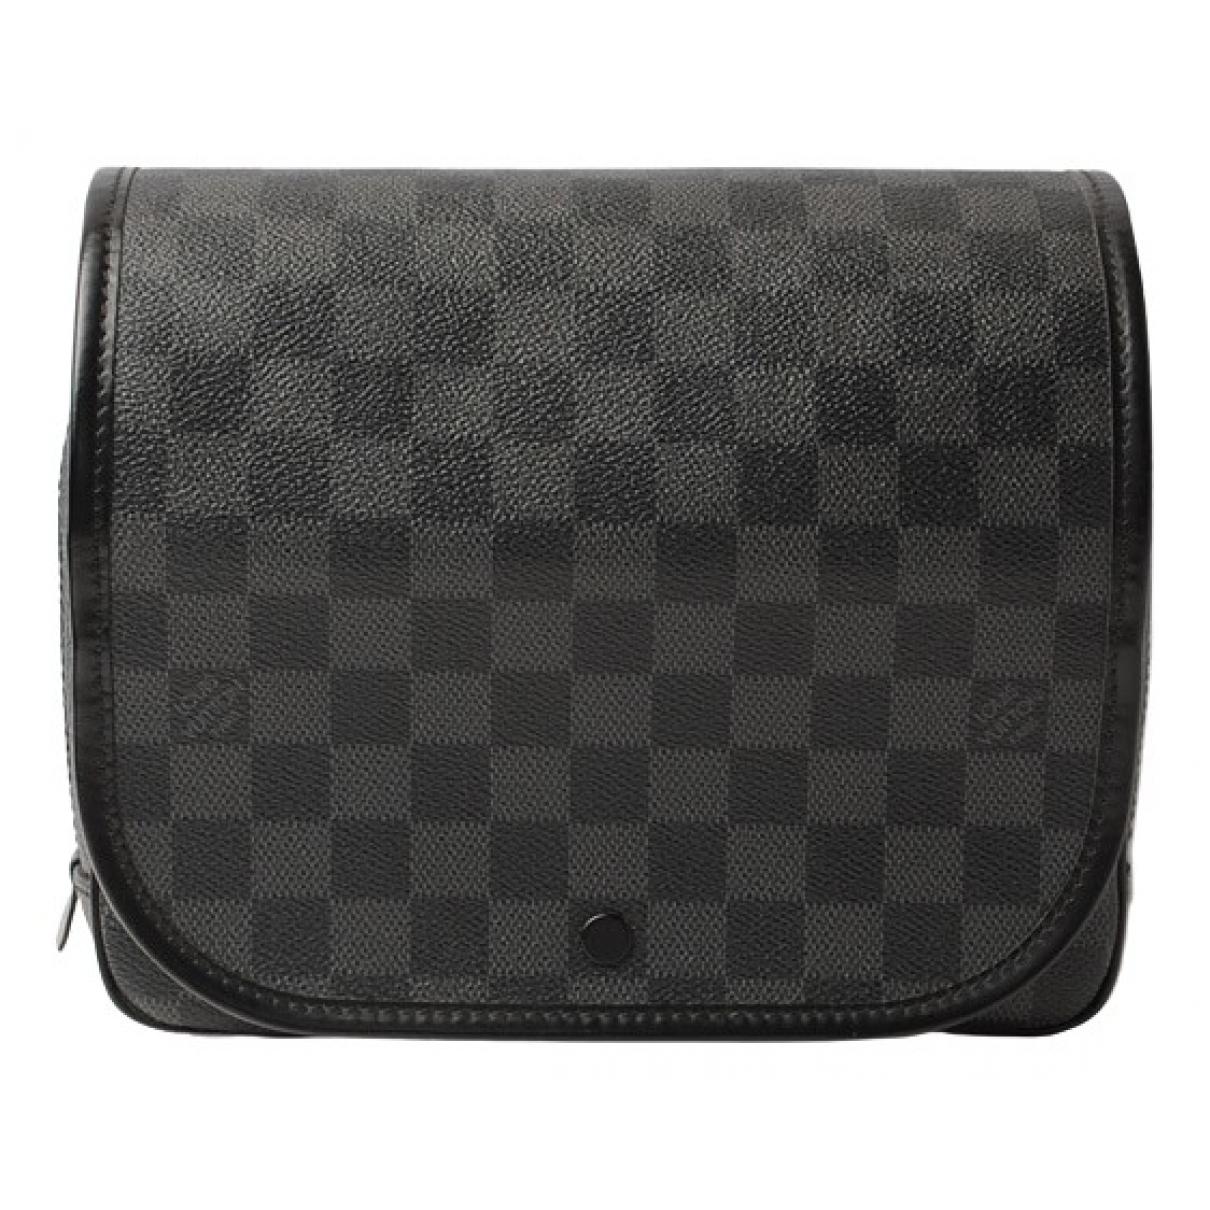 Louis Vuitton Trousse de toilette  Black Cloth Small bag, wallet & cases for Men N